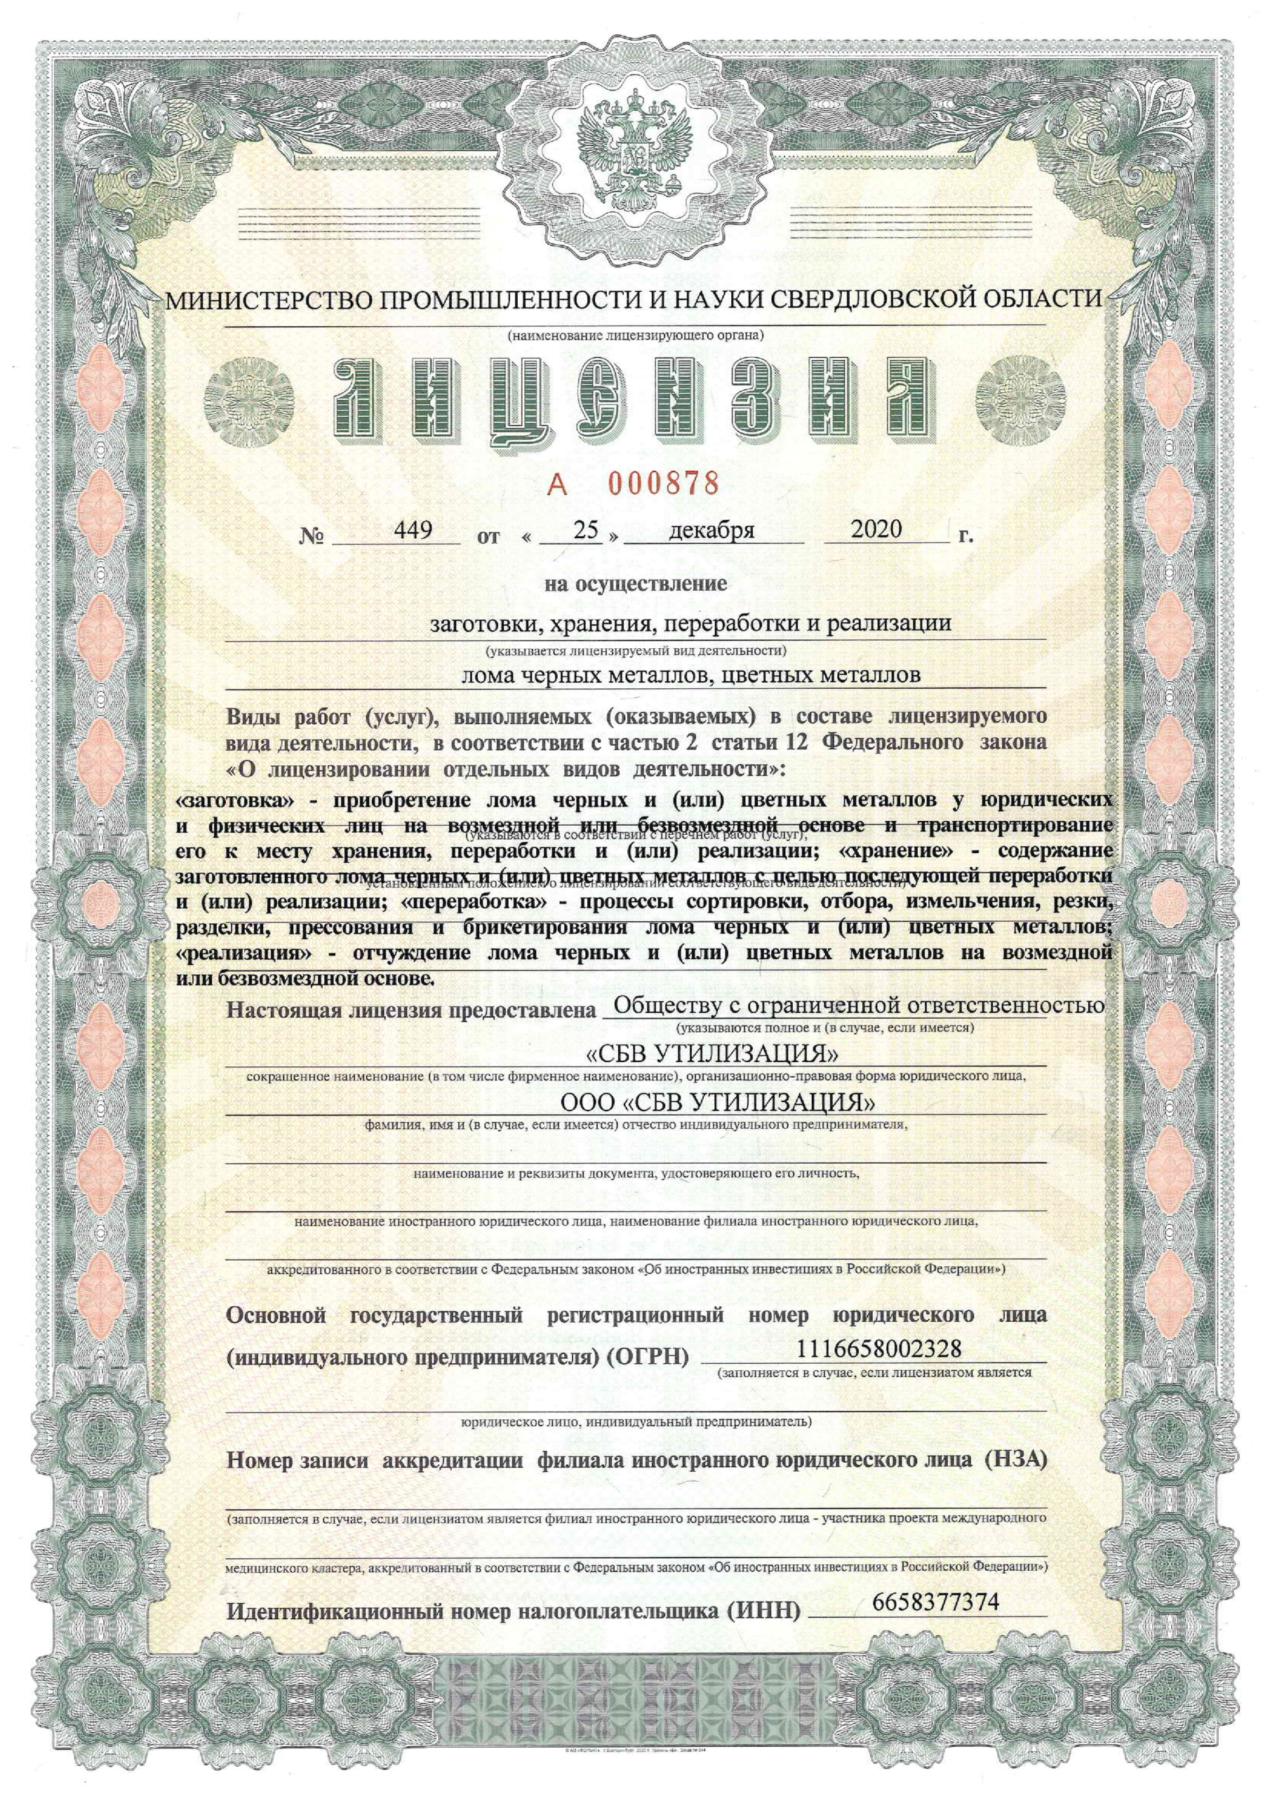 Лицензия на осуществление заготовки, хранения, переработки и реализации лома черных и цветных металлов (стр.1)